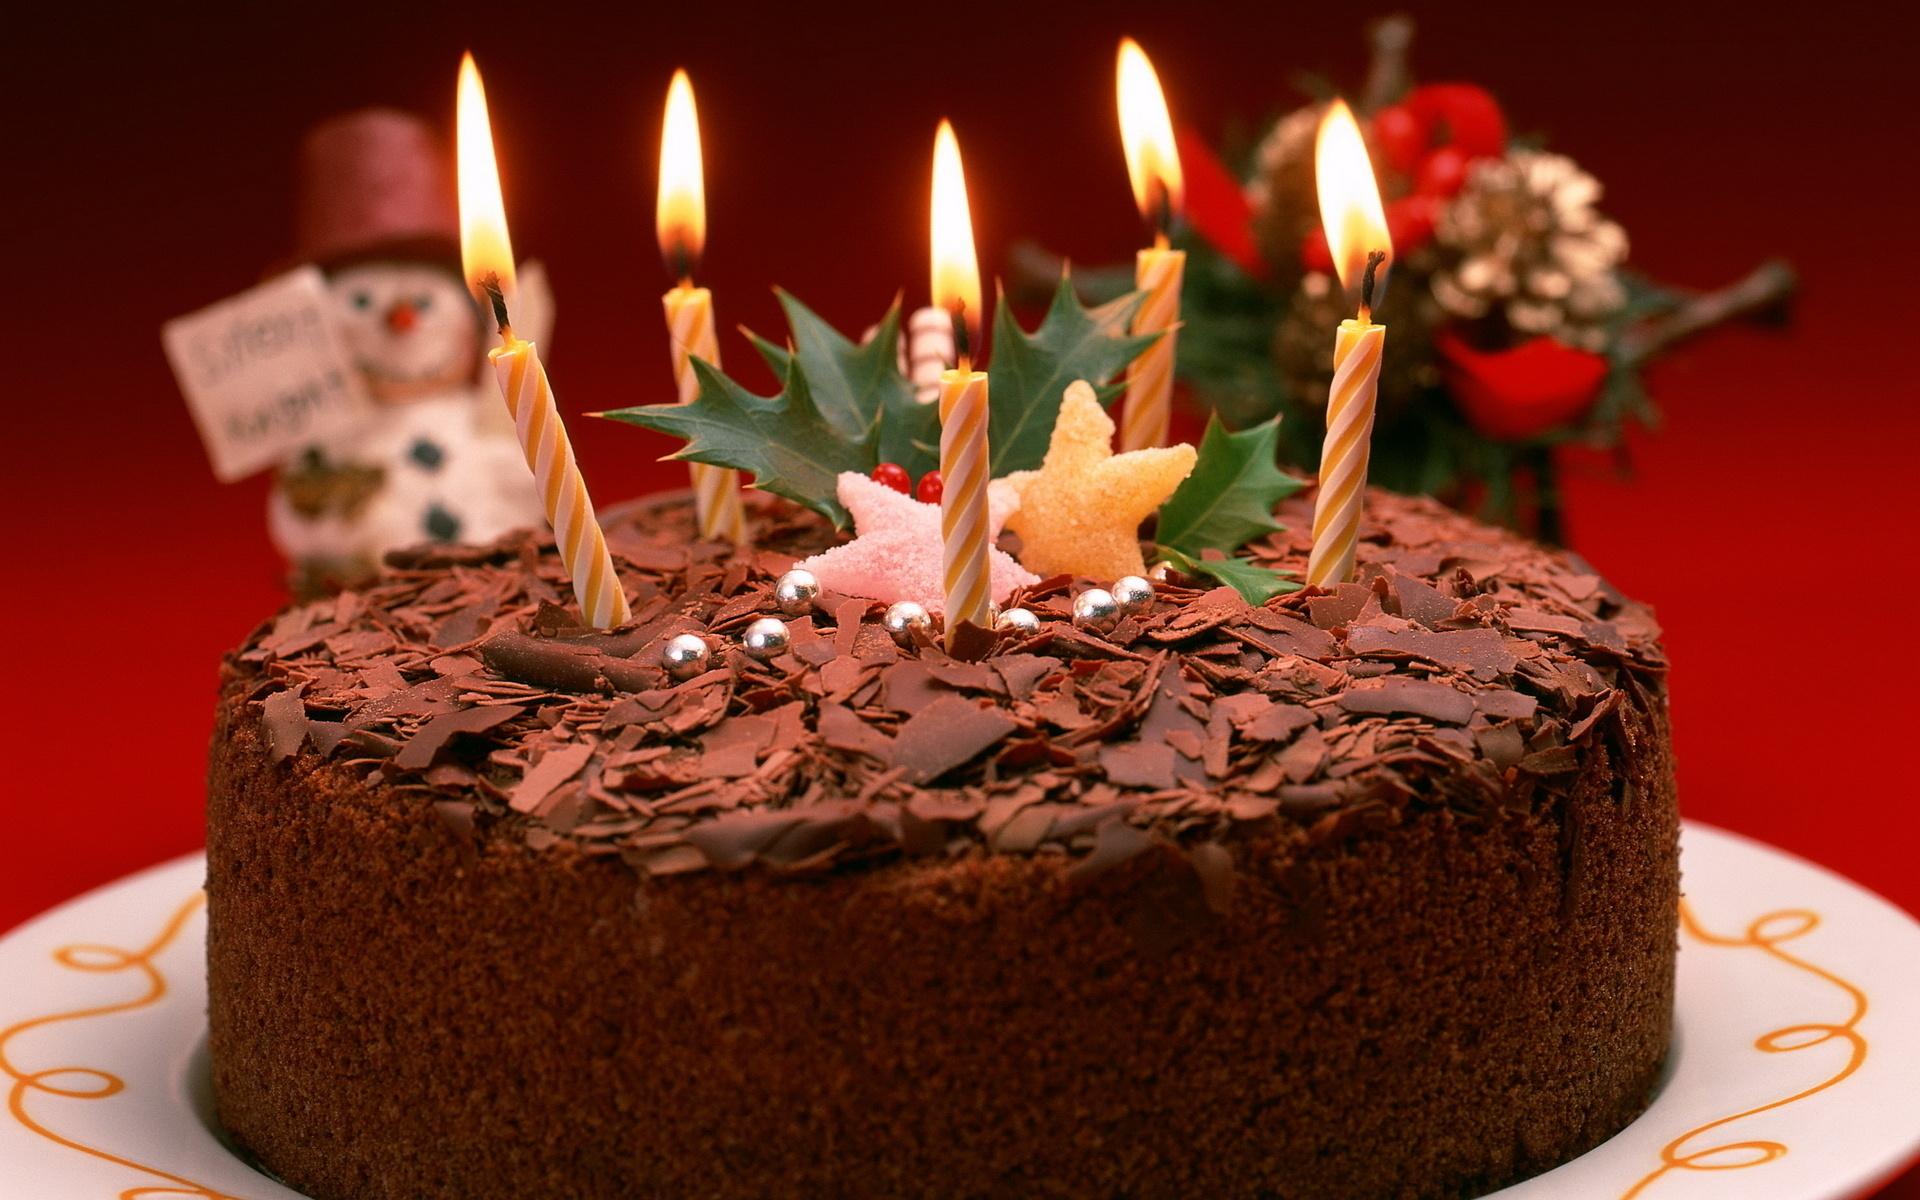 Картинка с тортом день рождения, днем рождения санаторий